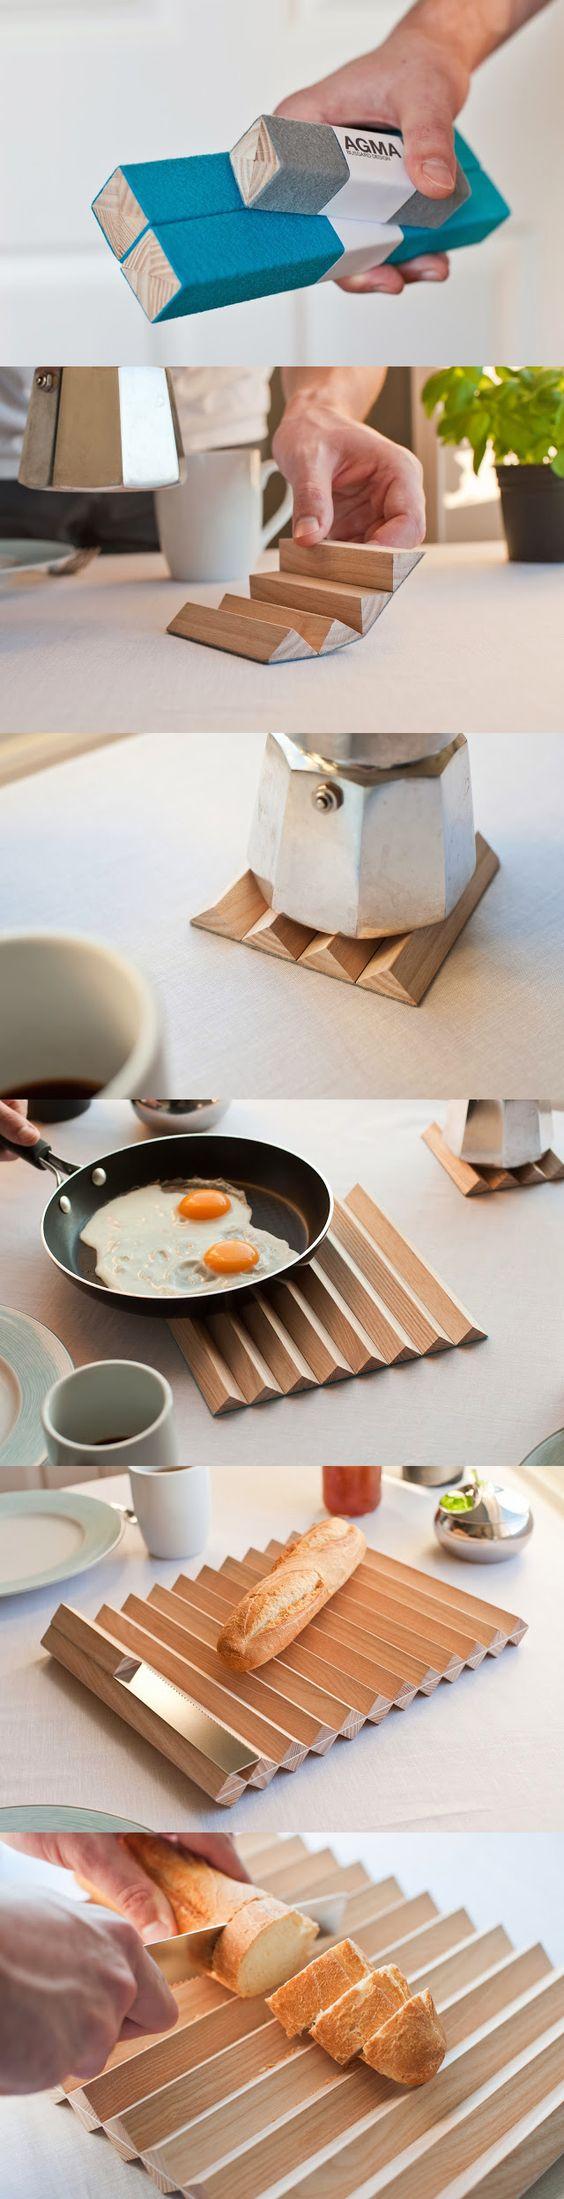 A suíça Bussard Design criou o AGMA Trivets, que são esses bastões de madeira compactos para guardar. Quando abertos, se transformam em descansos de mesa para apoiar recipientes quentes, com muito estilo. Um paralelepípedo ganha a forma triangular.